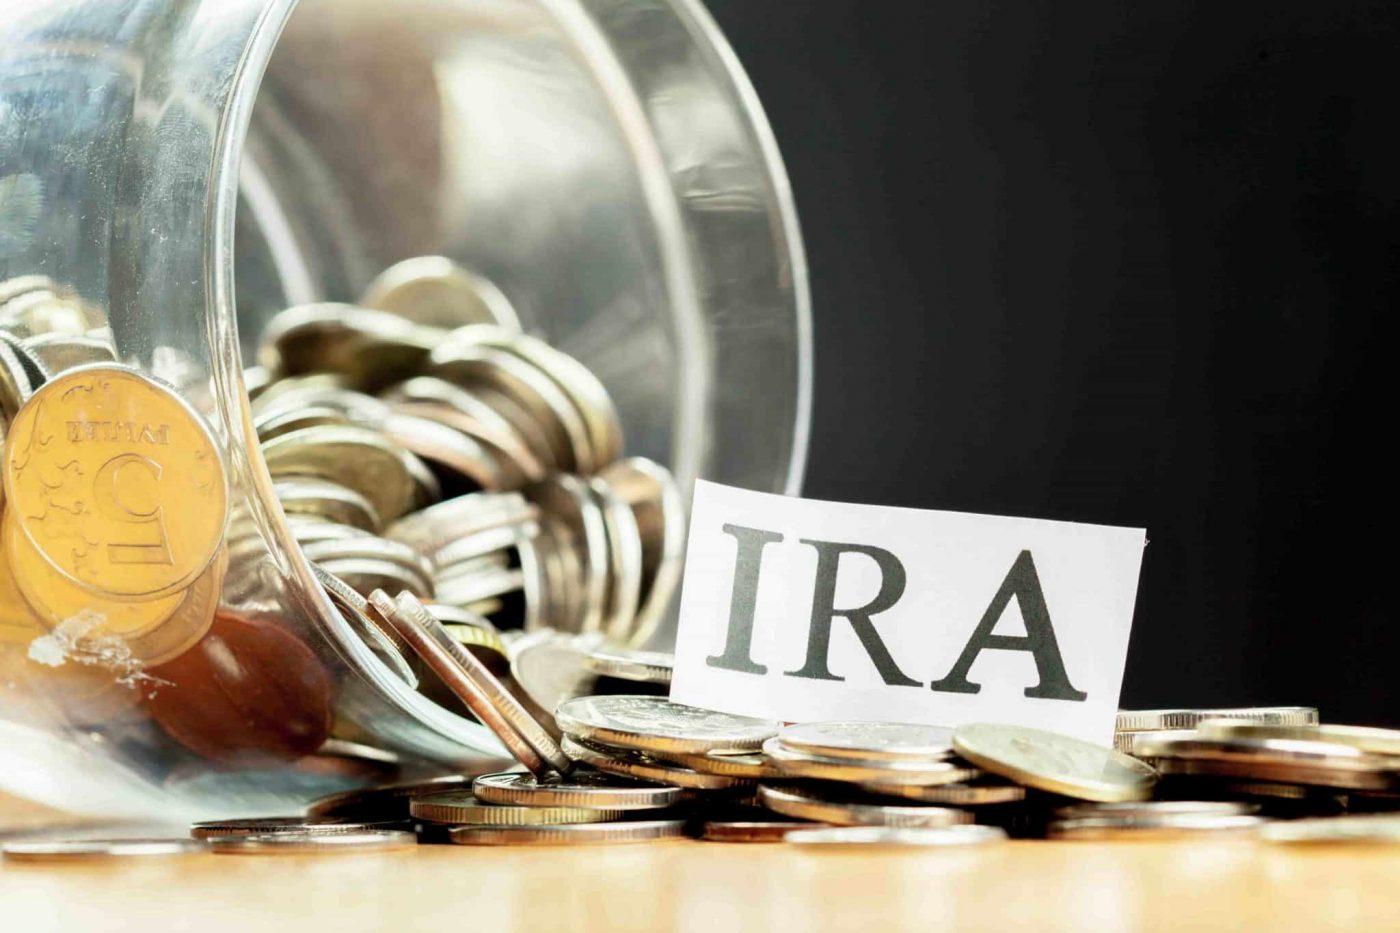 האם ניתן להפקיד לתיקון 190 בקופת גמל IRA?